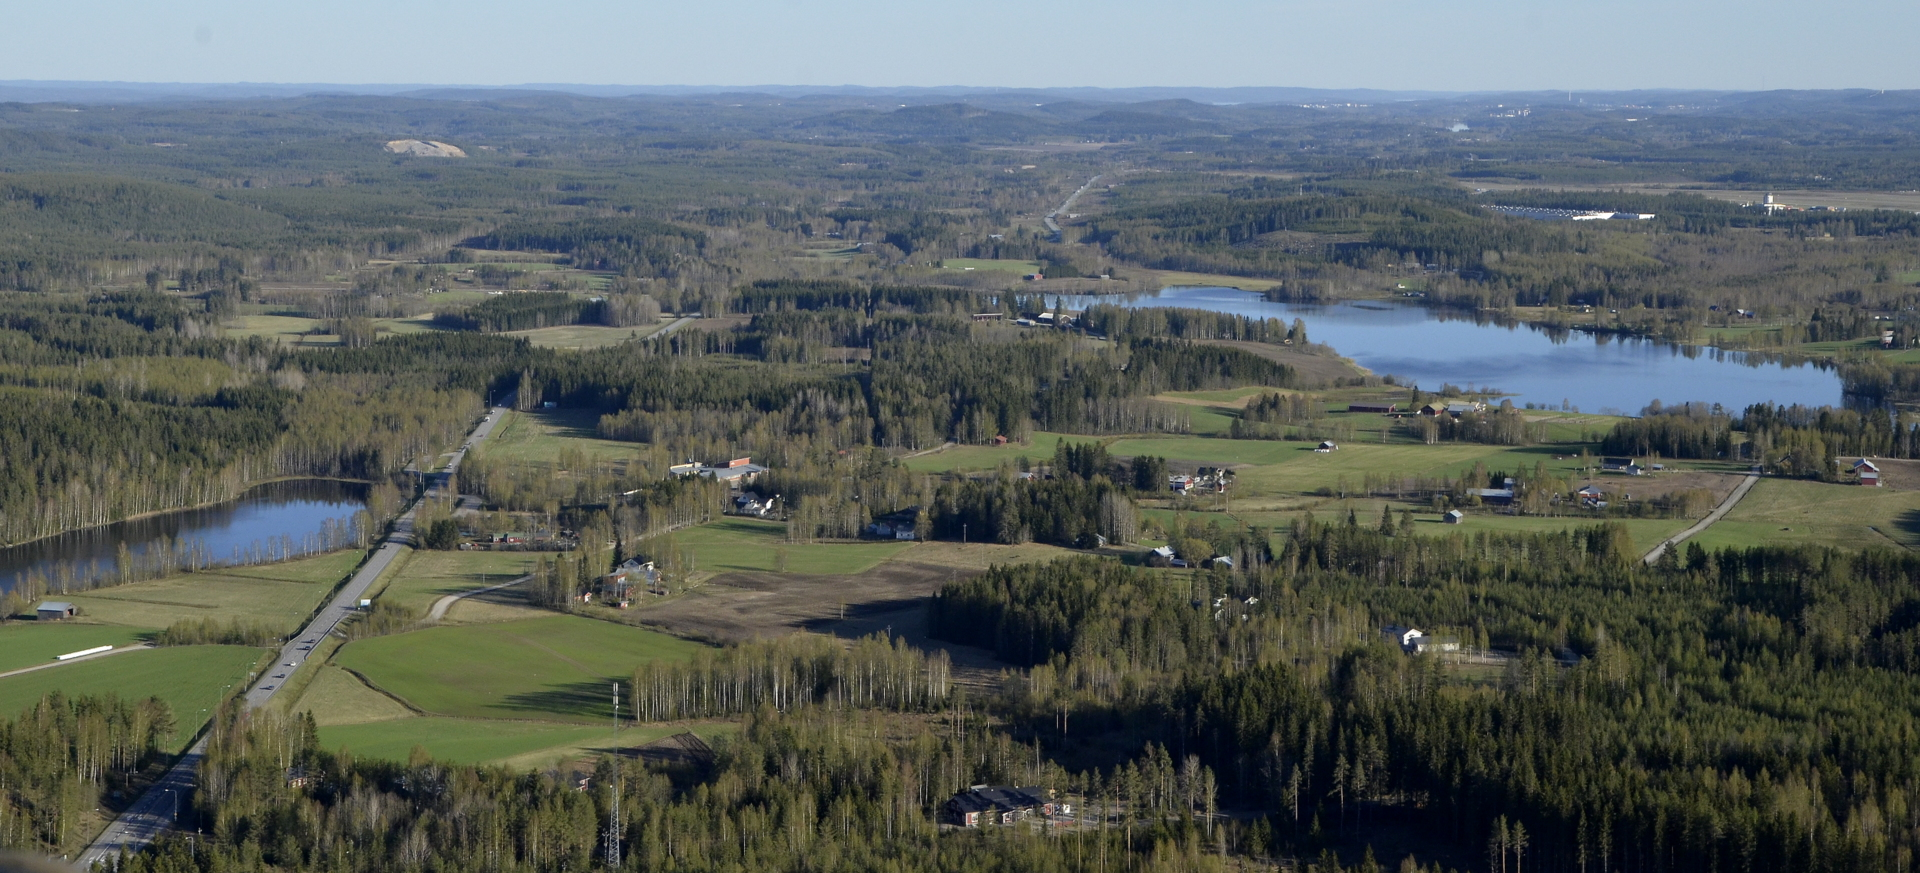 Vehniänkylä, oikealla Alanen järvi.